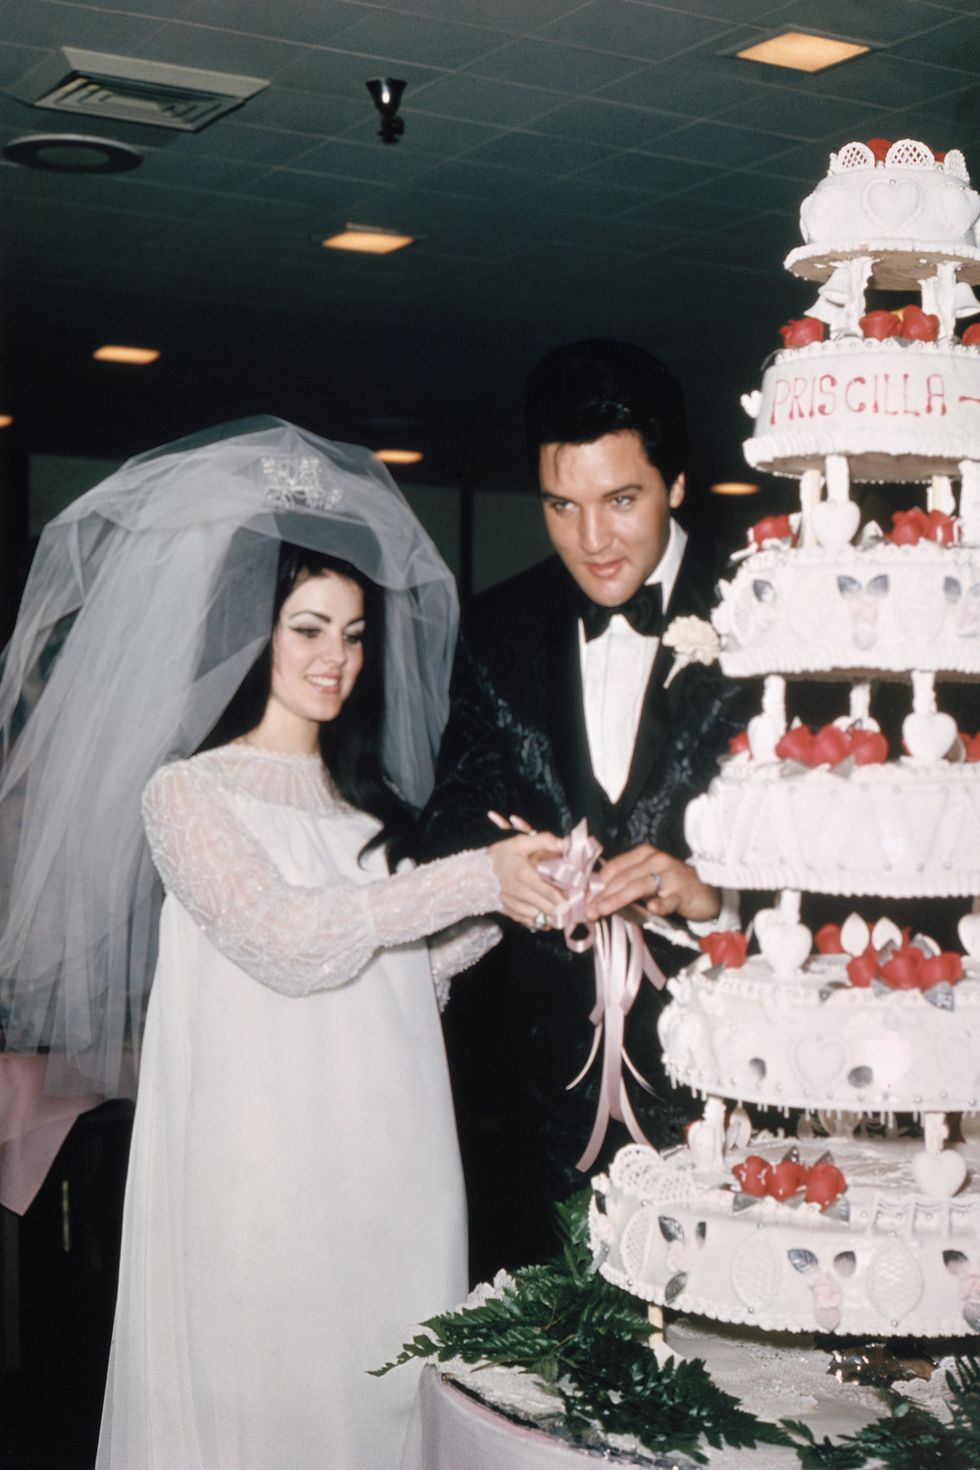 Priscilla Presley's wedding dress